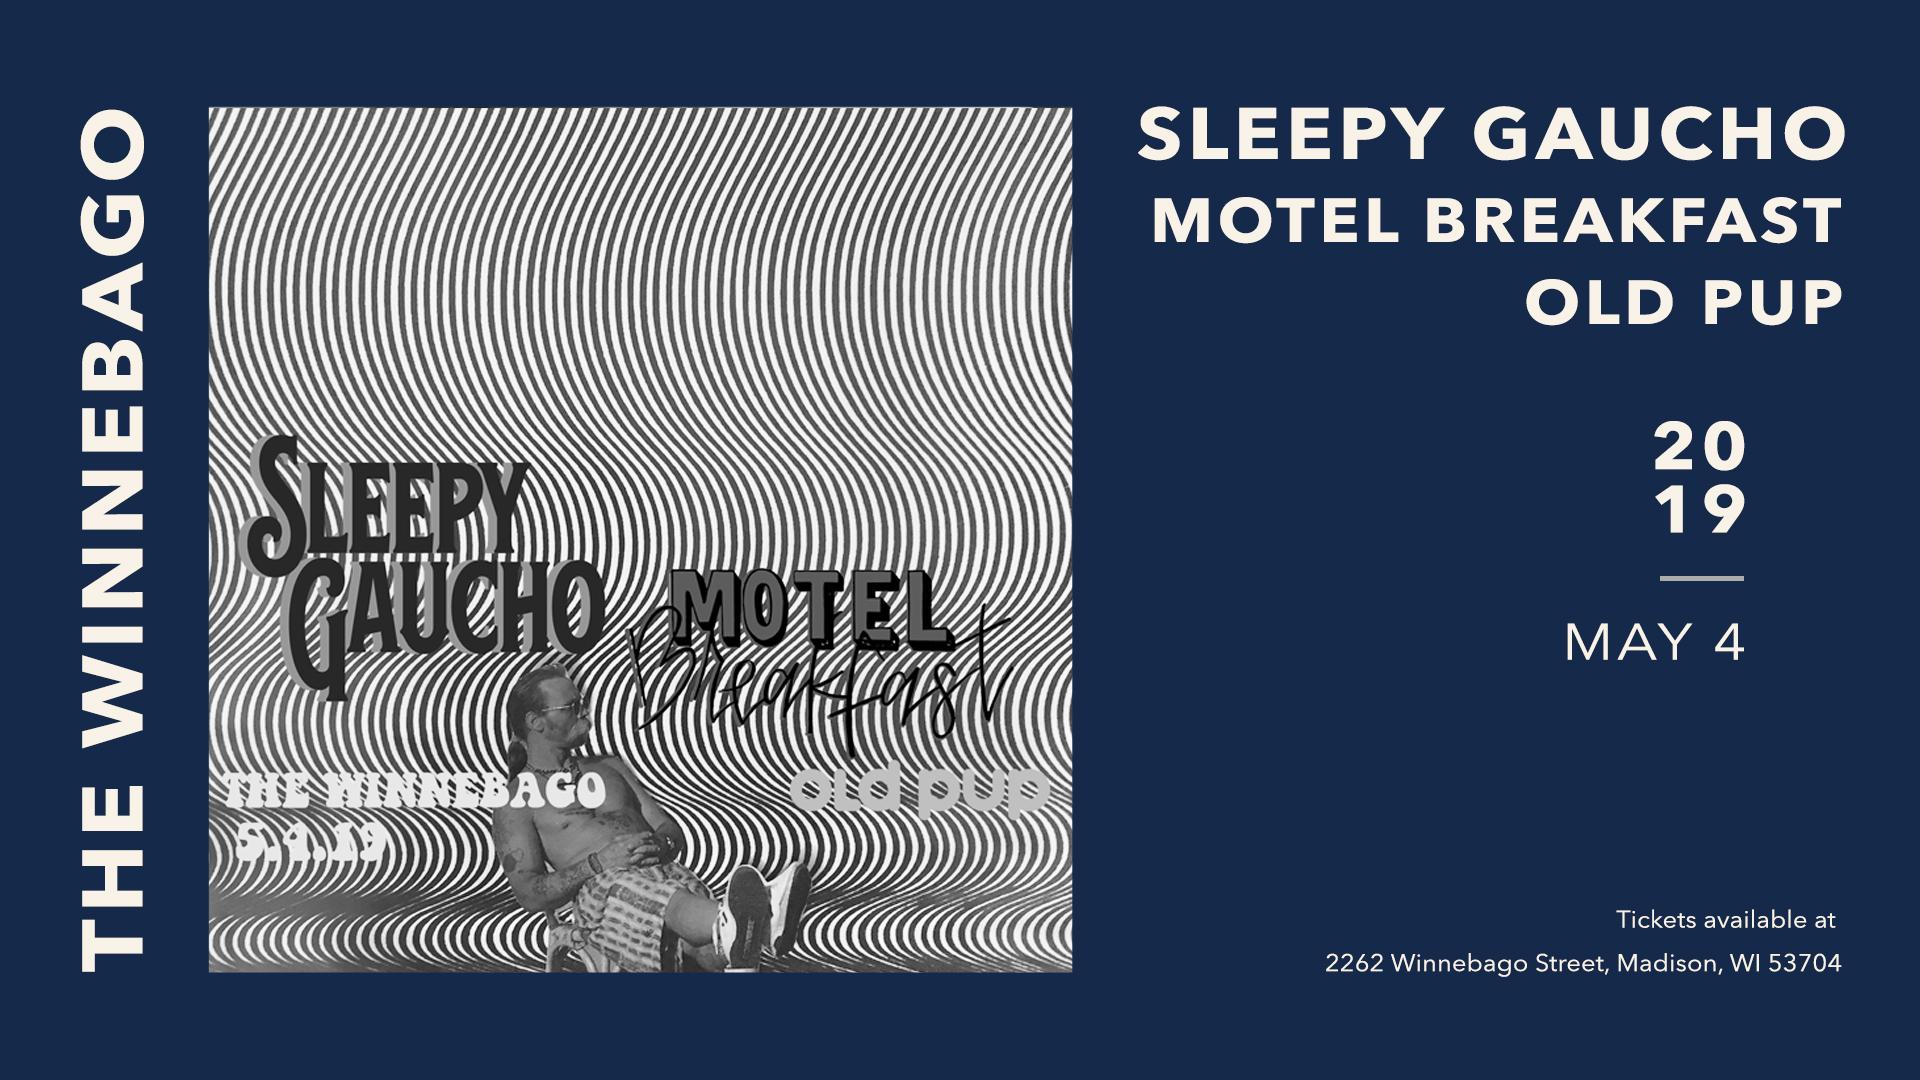 Sleepy-Gaucho-1.jpg